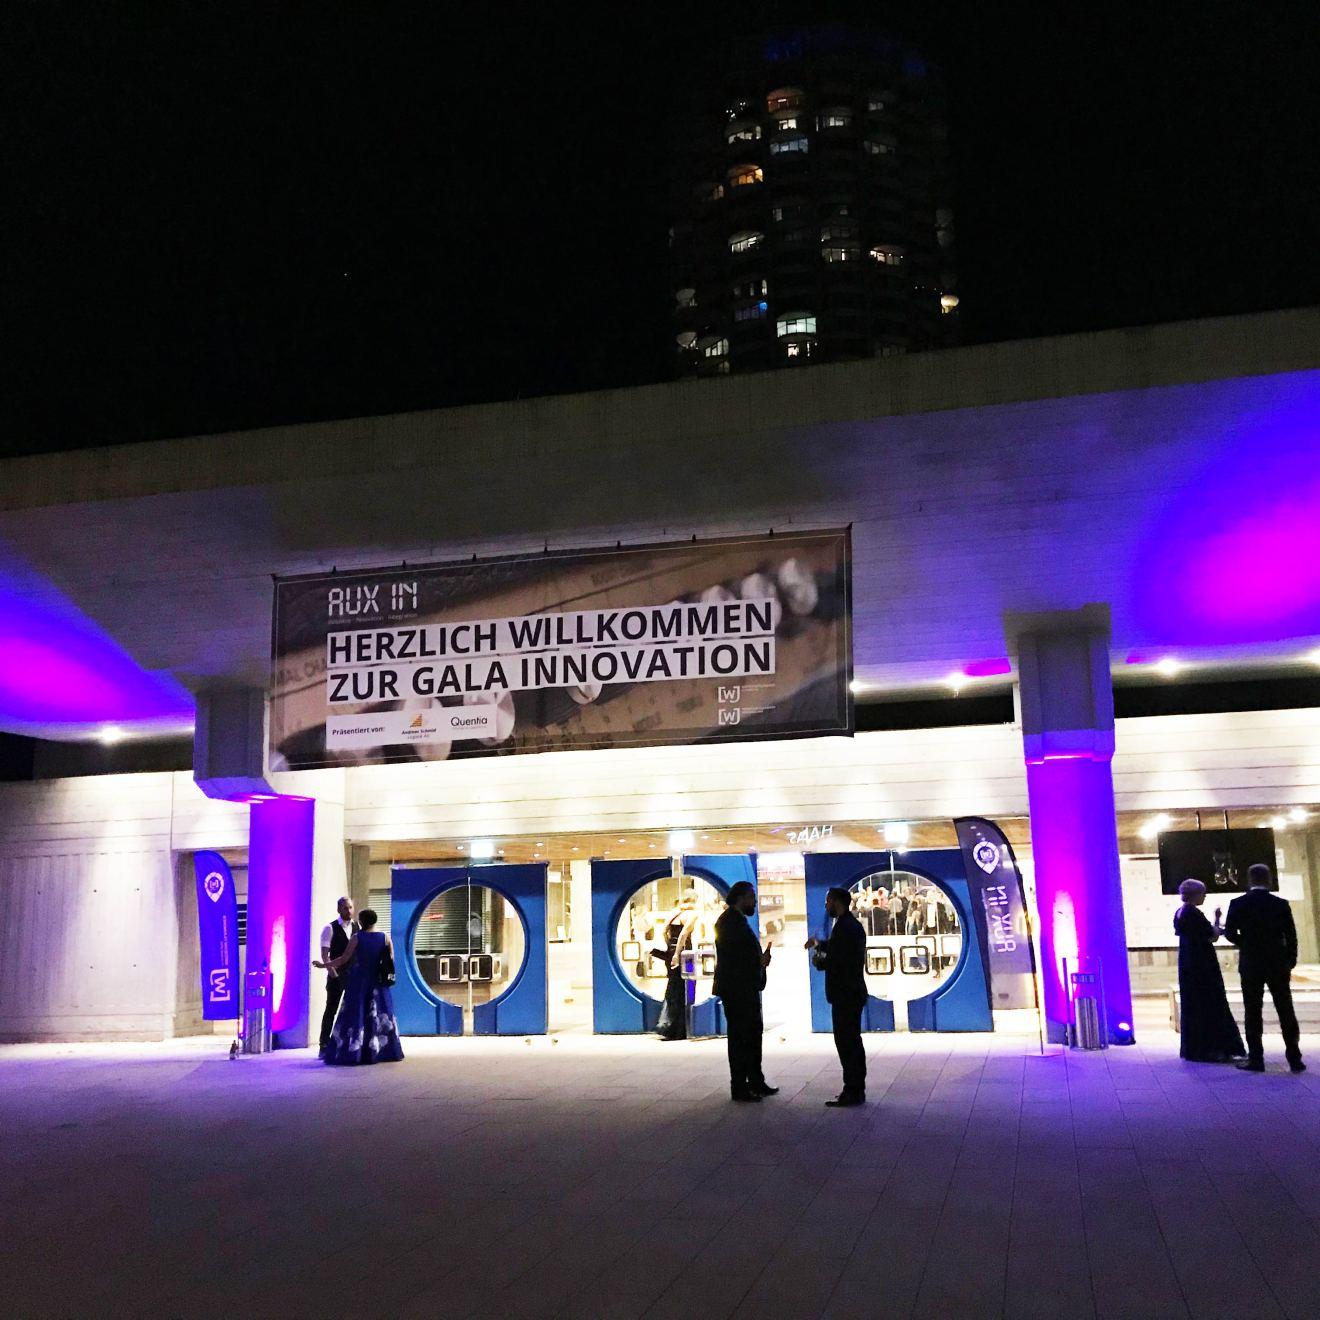 Veranstaltungstechnik - Illumination des Eingangebereichs